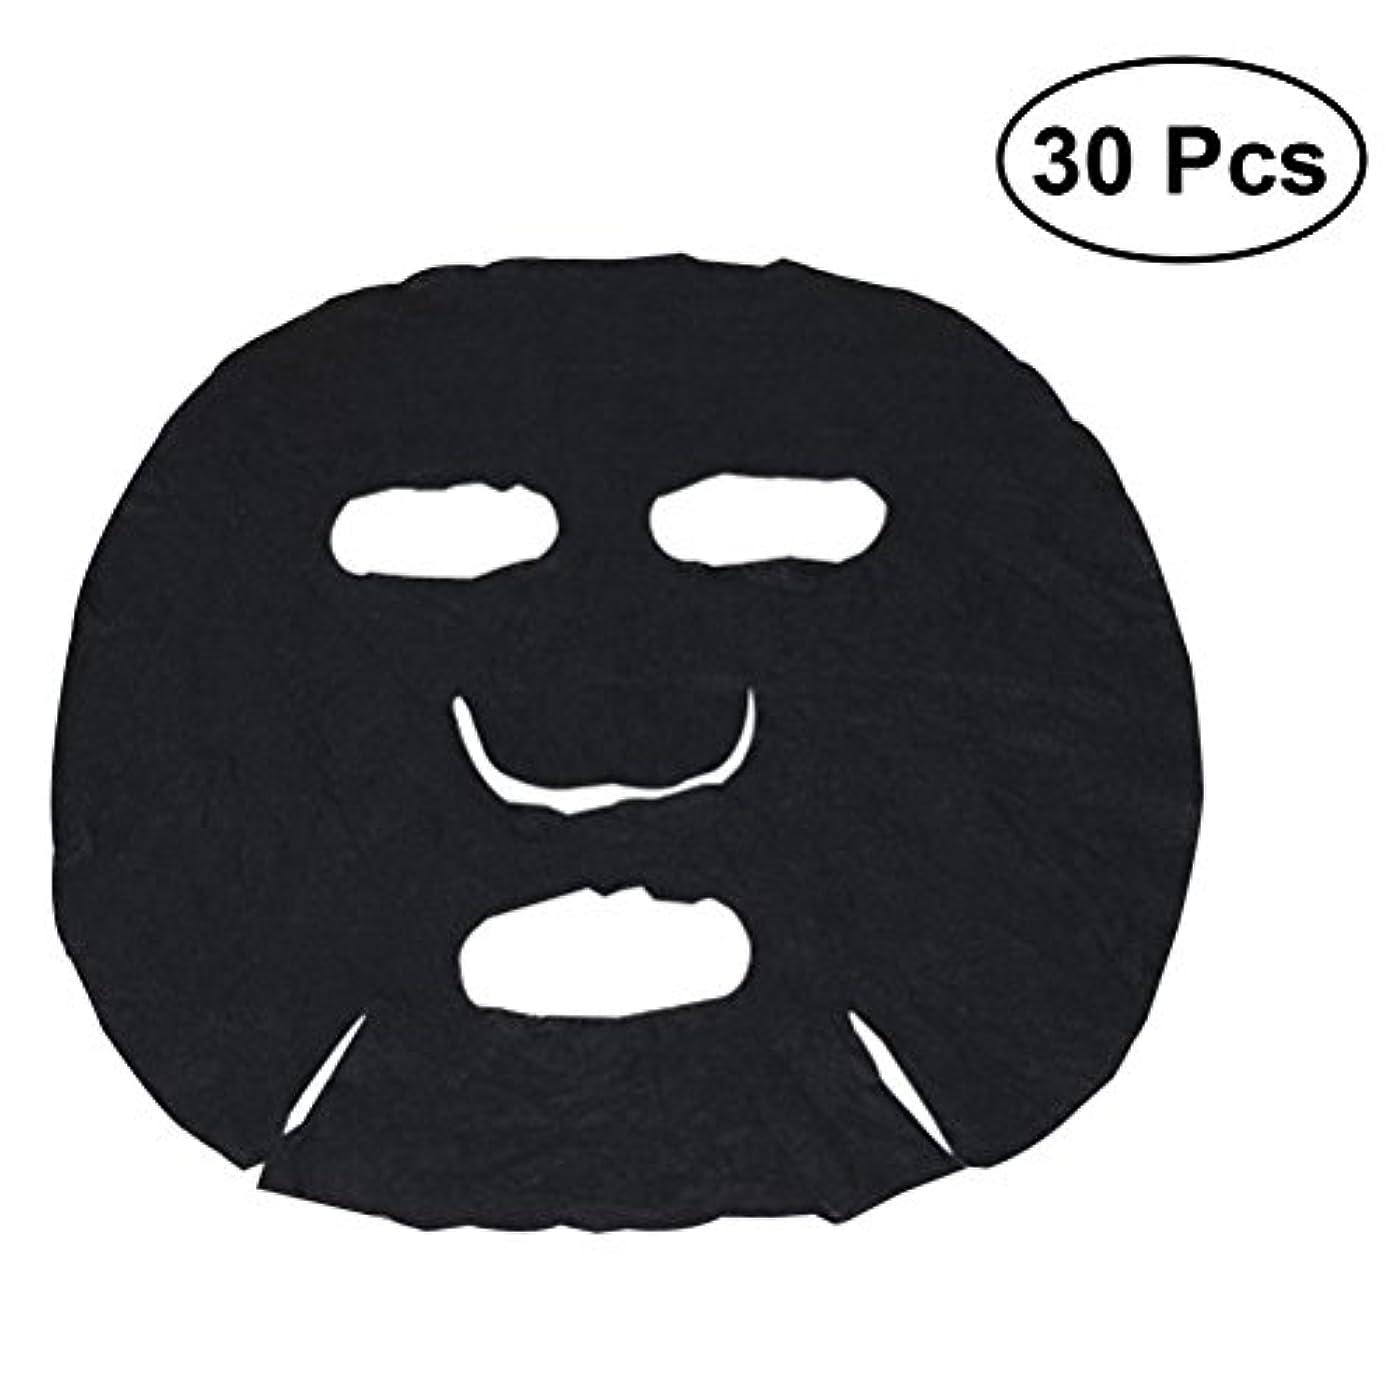 間違えた音声派手Frcolor 圧縮マスク 圧縮フェイスパック 竹炭 圧縮マスクシート スキンケア DIY 30枚入り 携帯便利 使い捨て